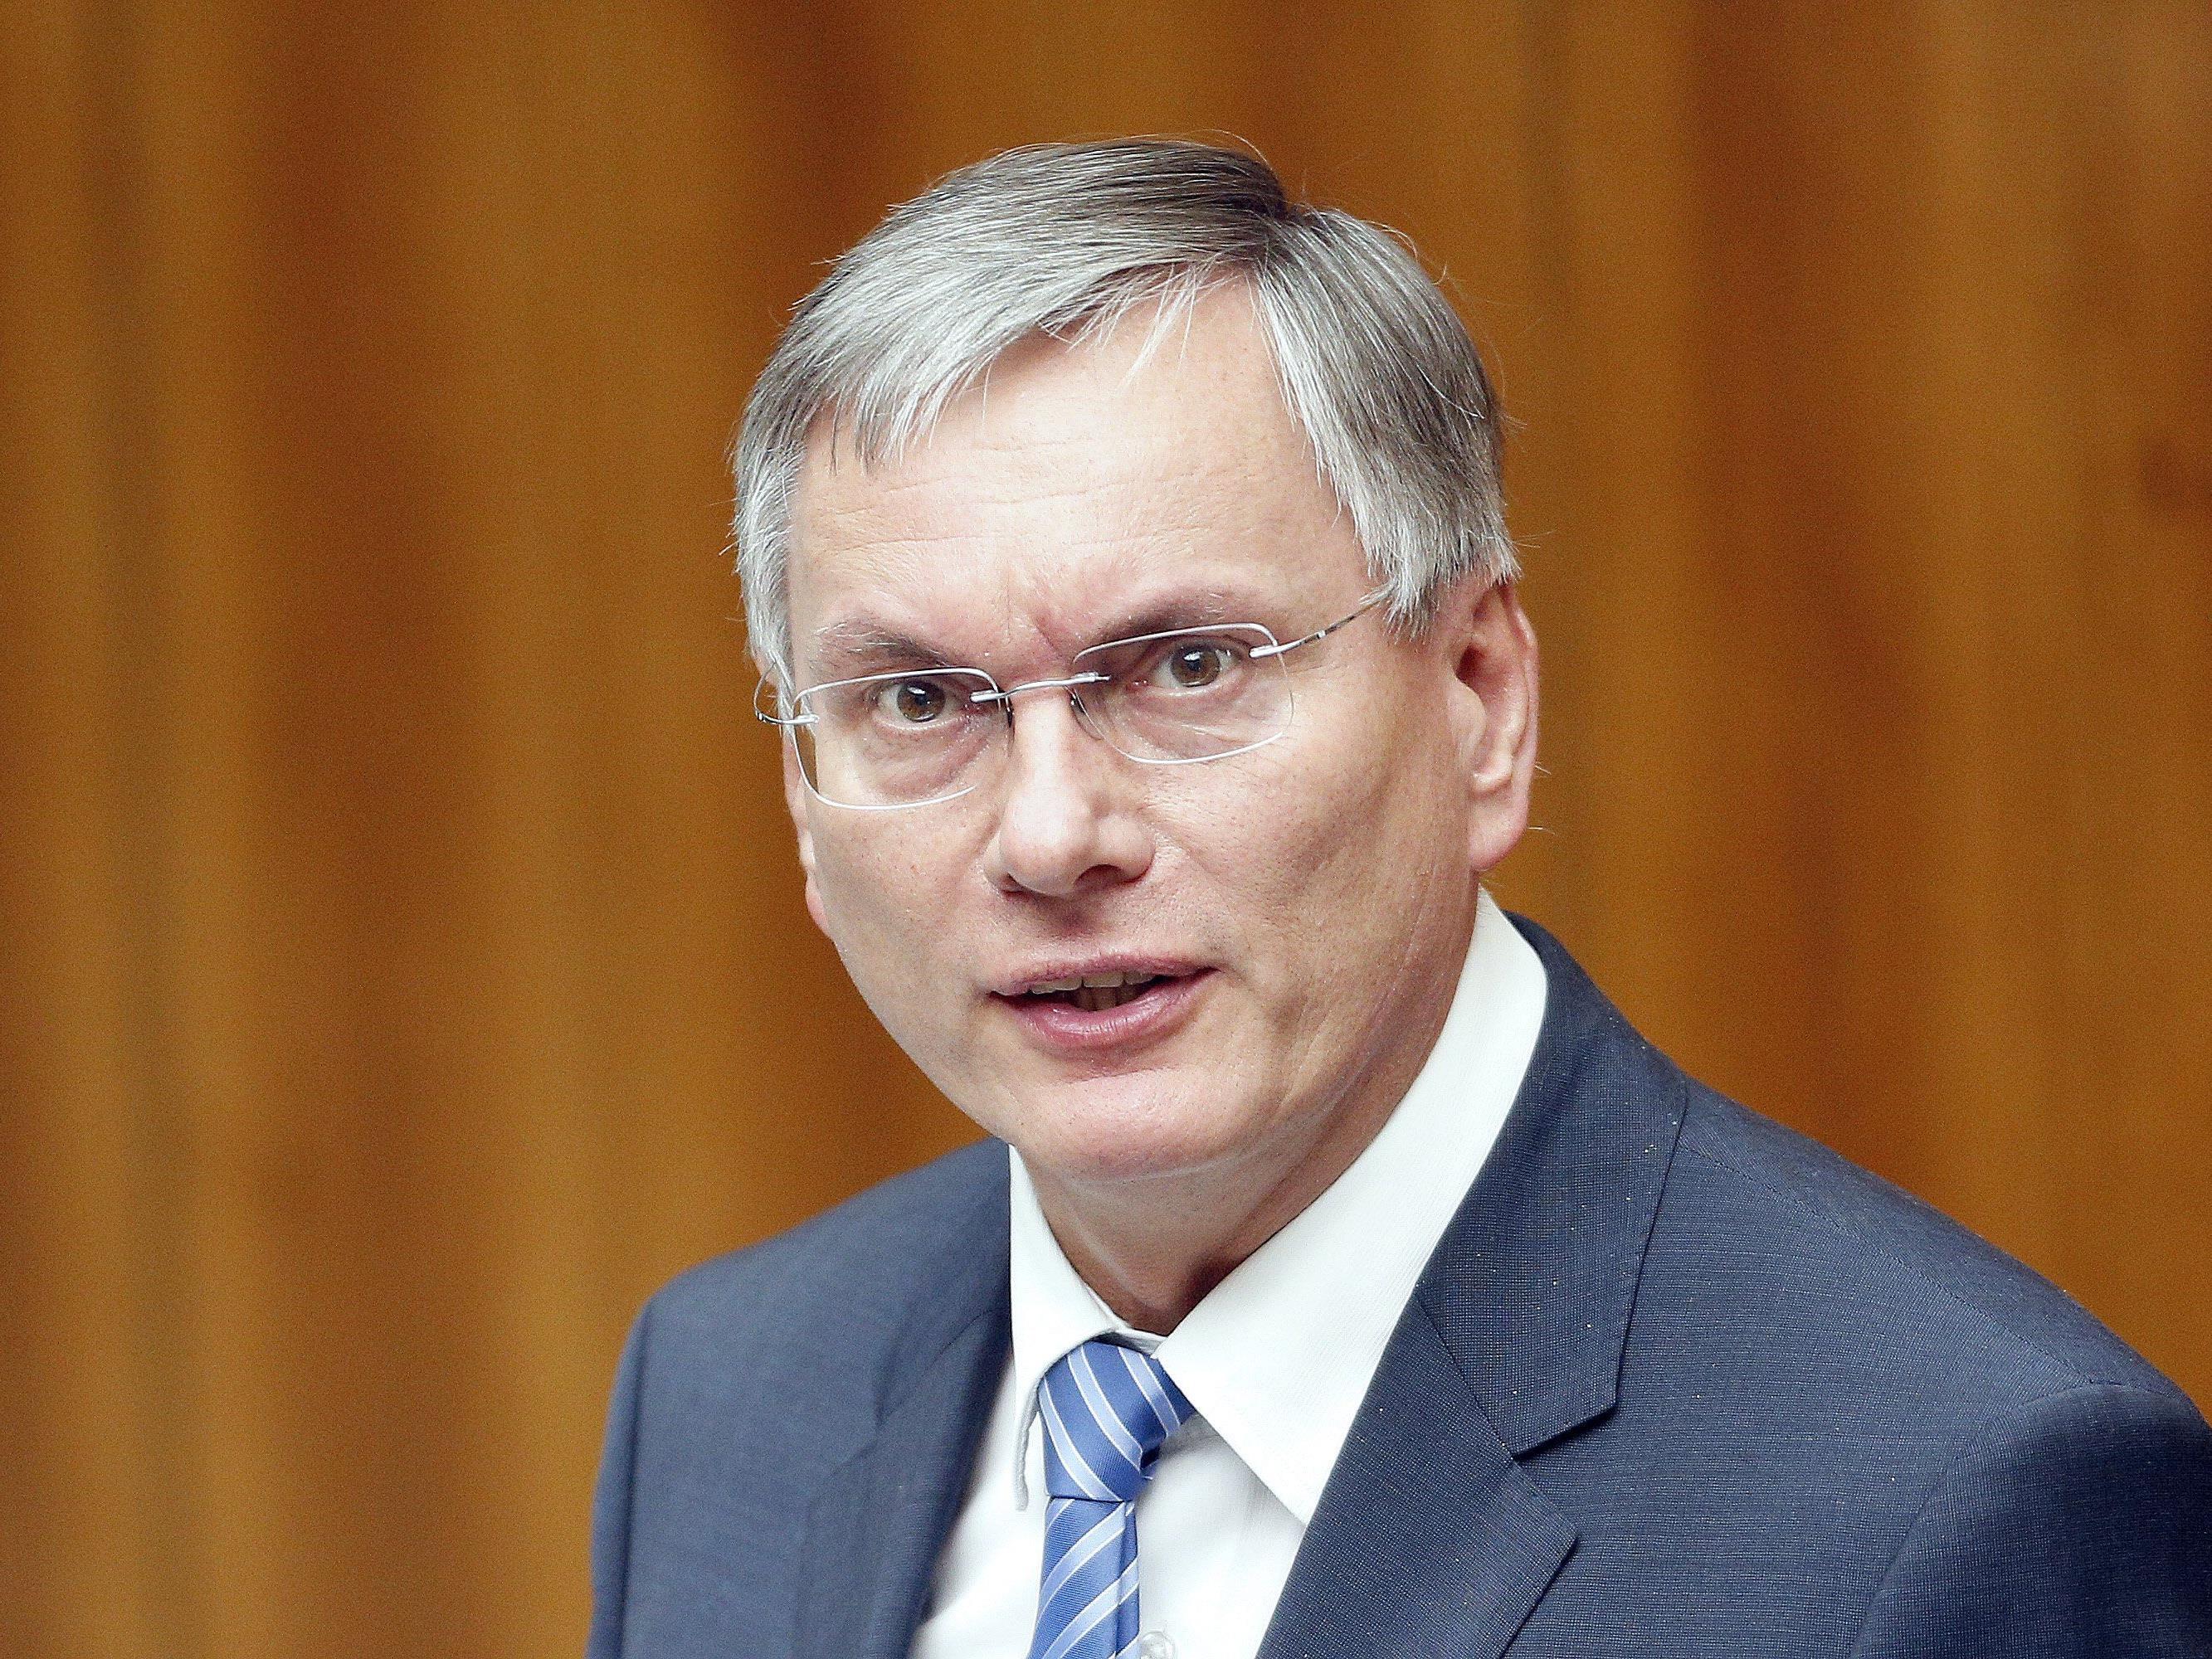 Stöger hofft auf Kooperation mit dem Westen.